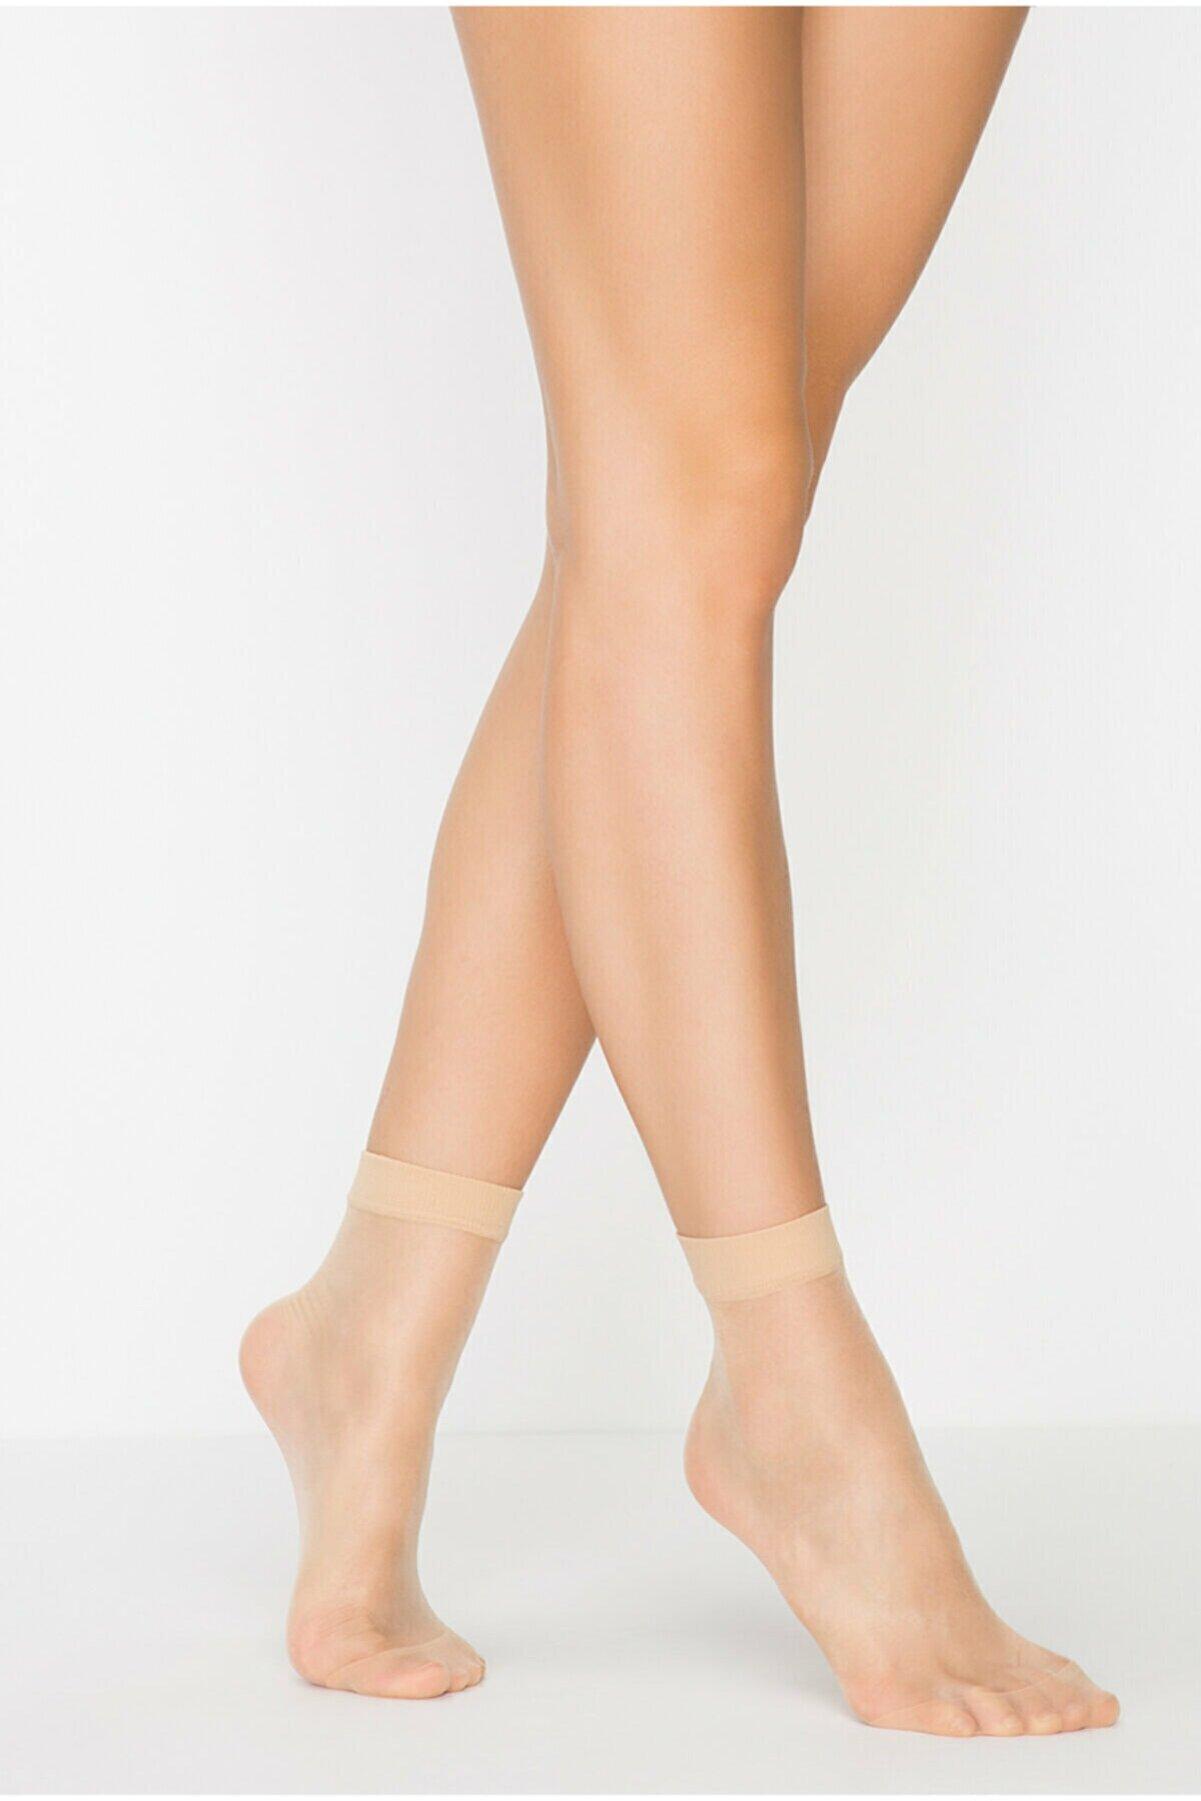 Penti Açık Ten Rengi Fit 15 3lü Soket Çorap